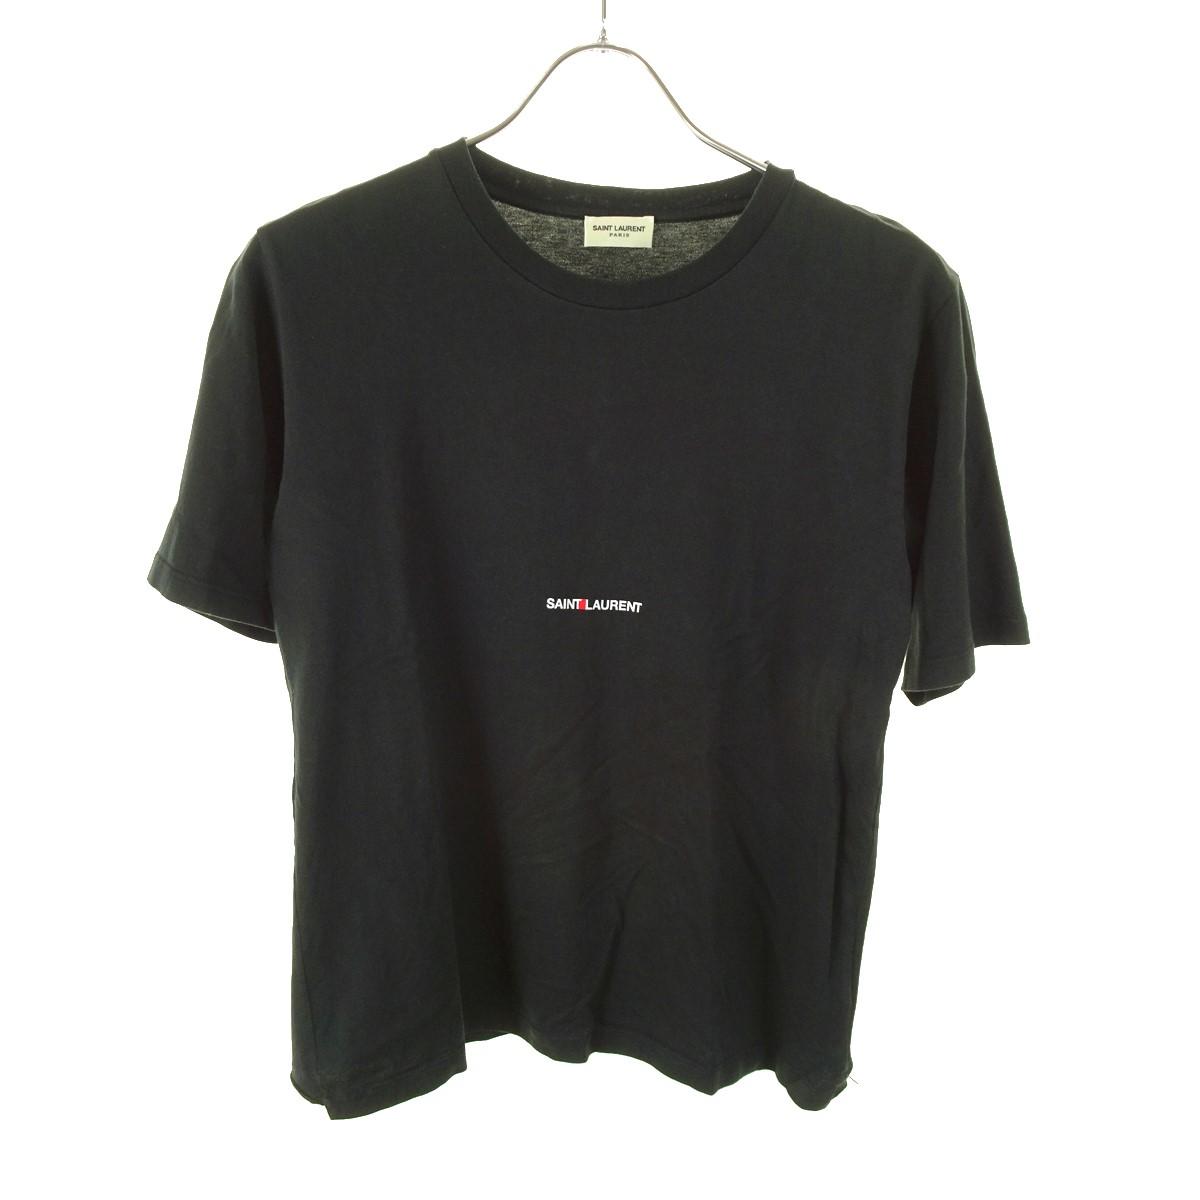 【中古】SAINT LAURENT PARIS クラシックロゴ プリントTシャツ 17SS ブラック サイズ:XS 【200520】(サンローランパリ)